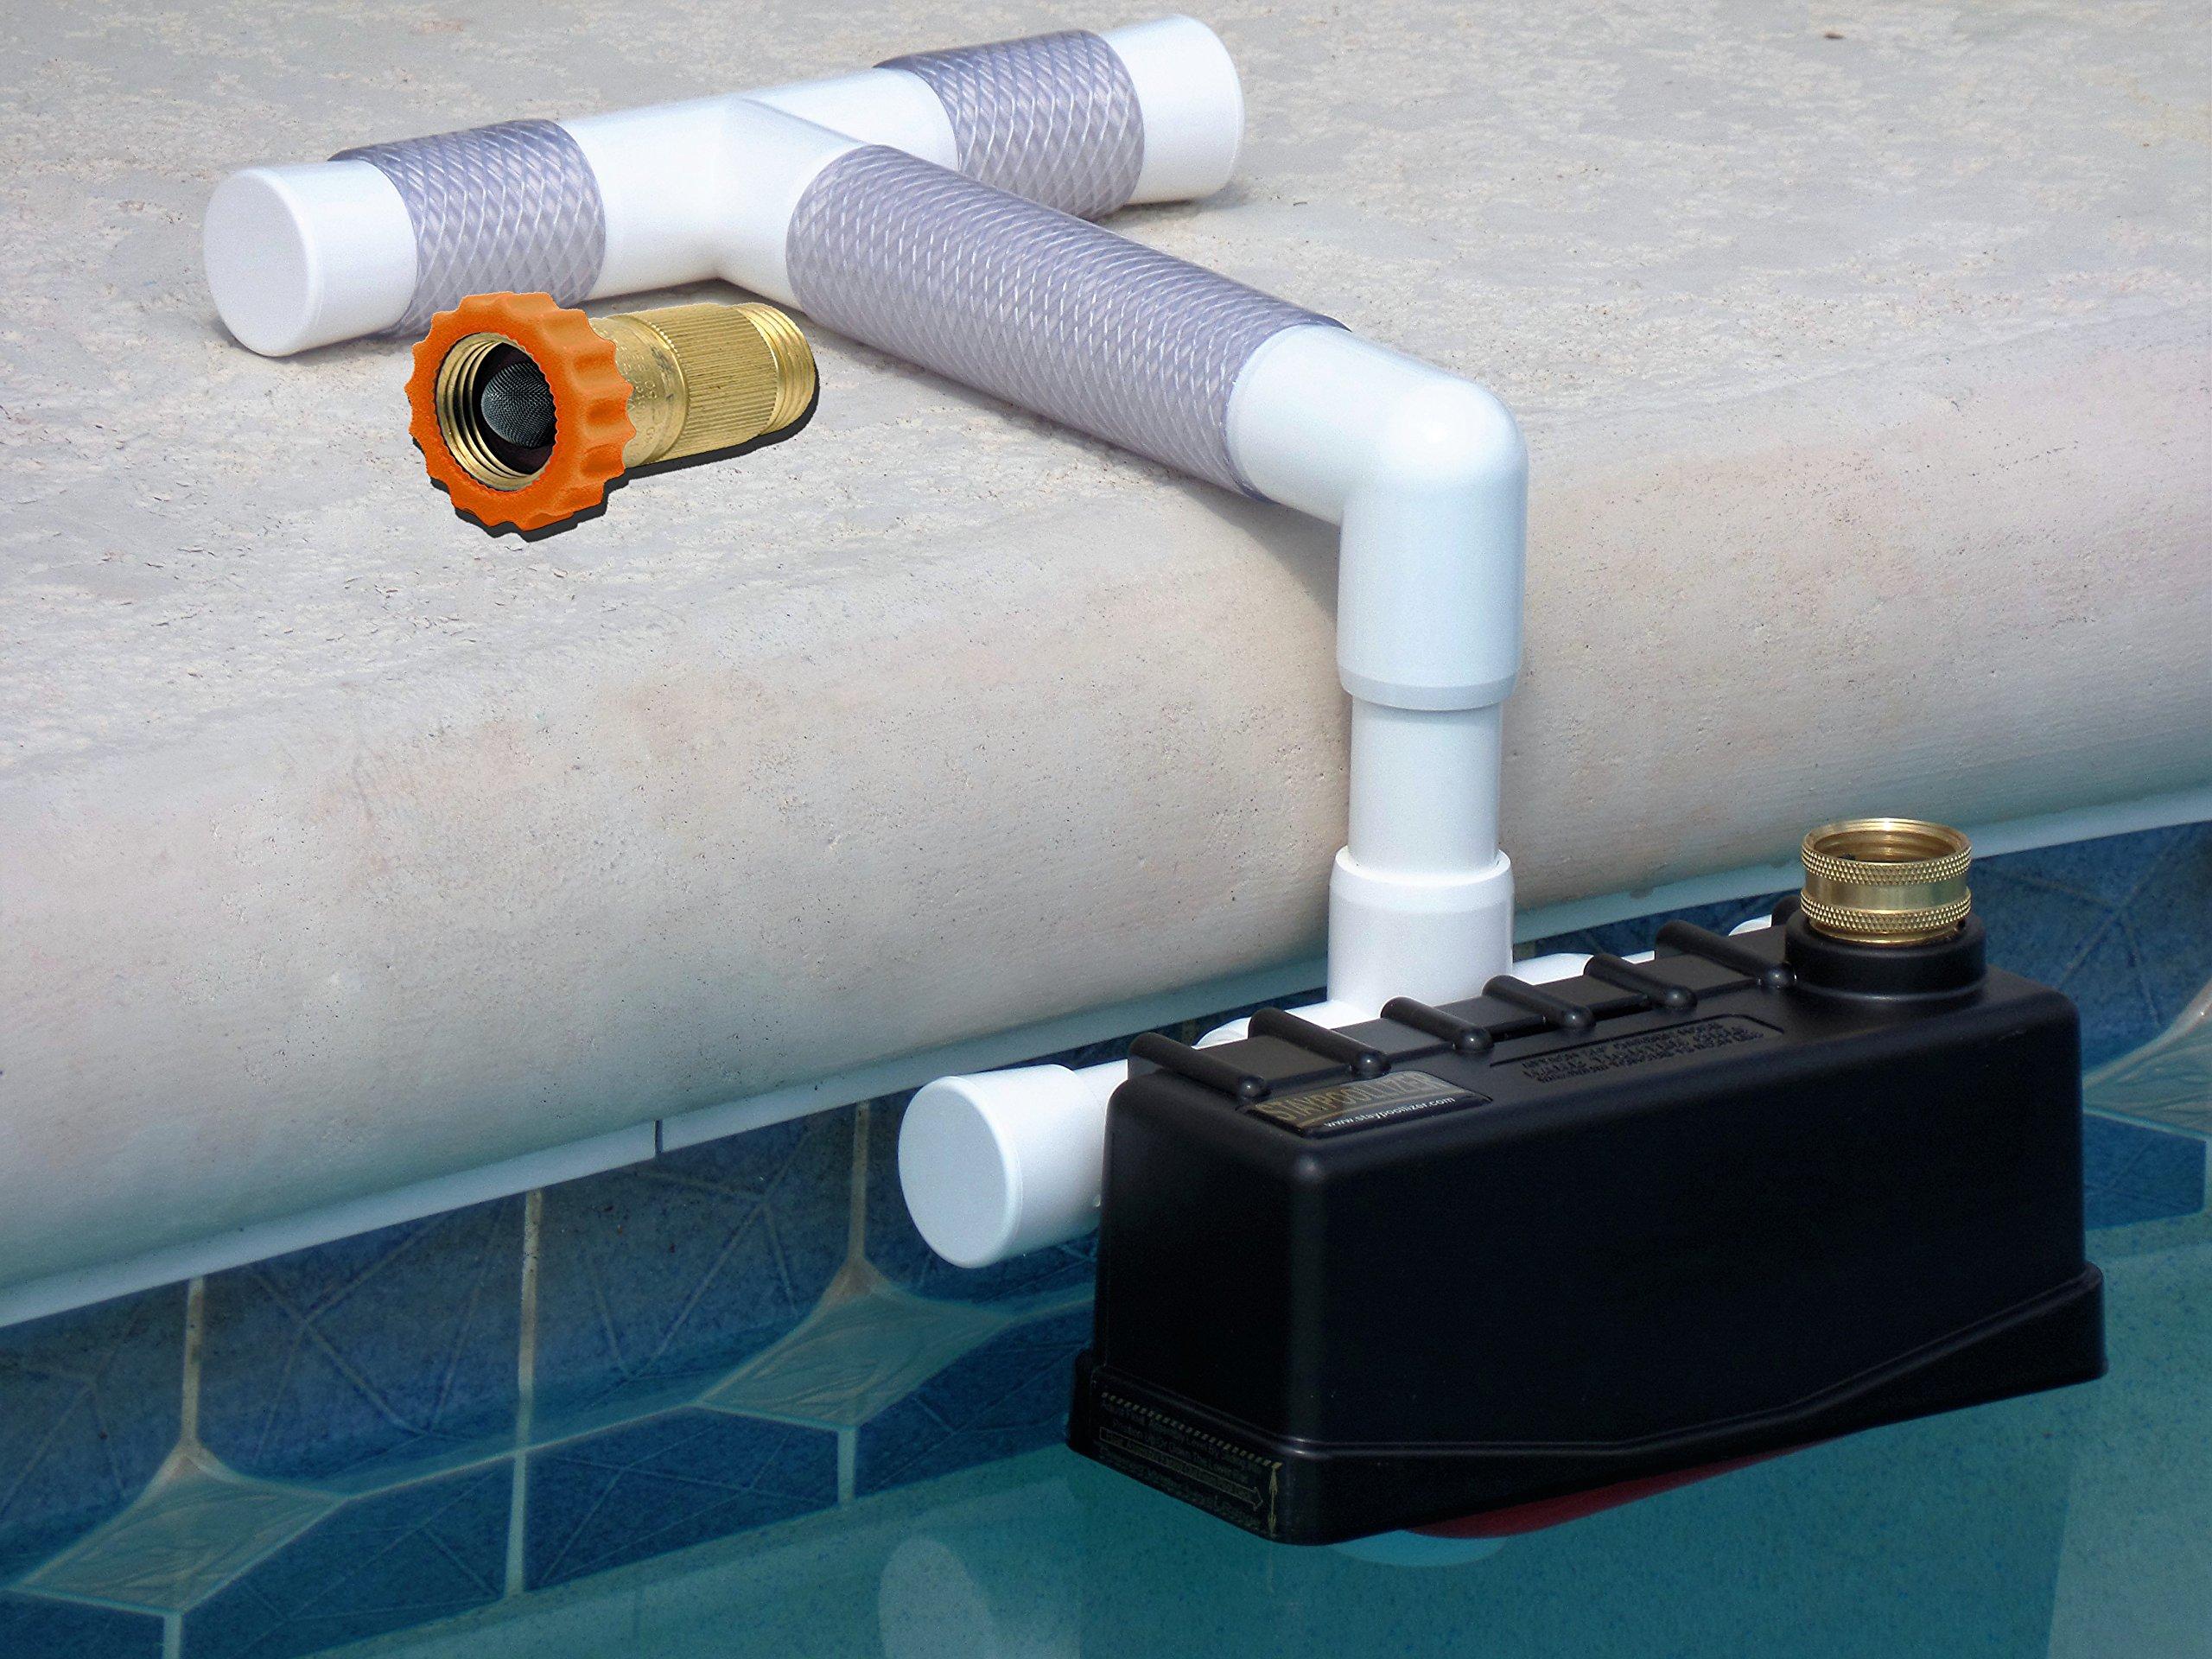 IG Premium Staypoollizer + Valterra Water Regulator Combo